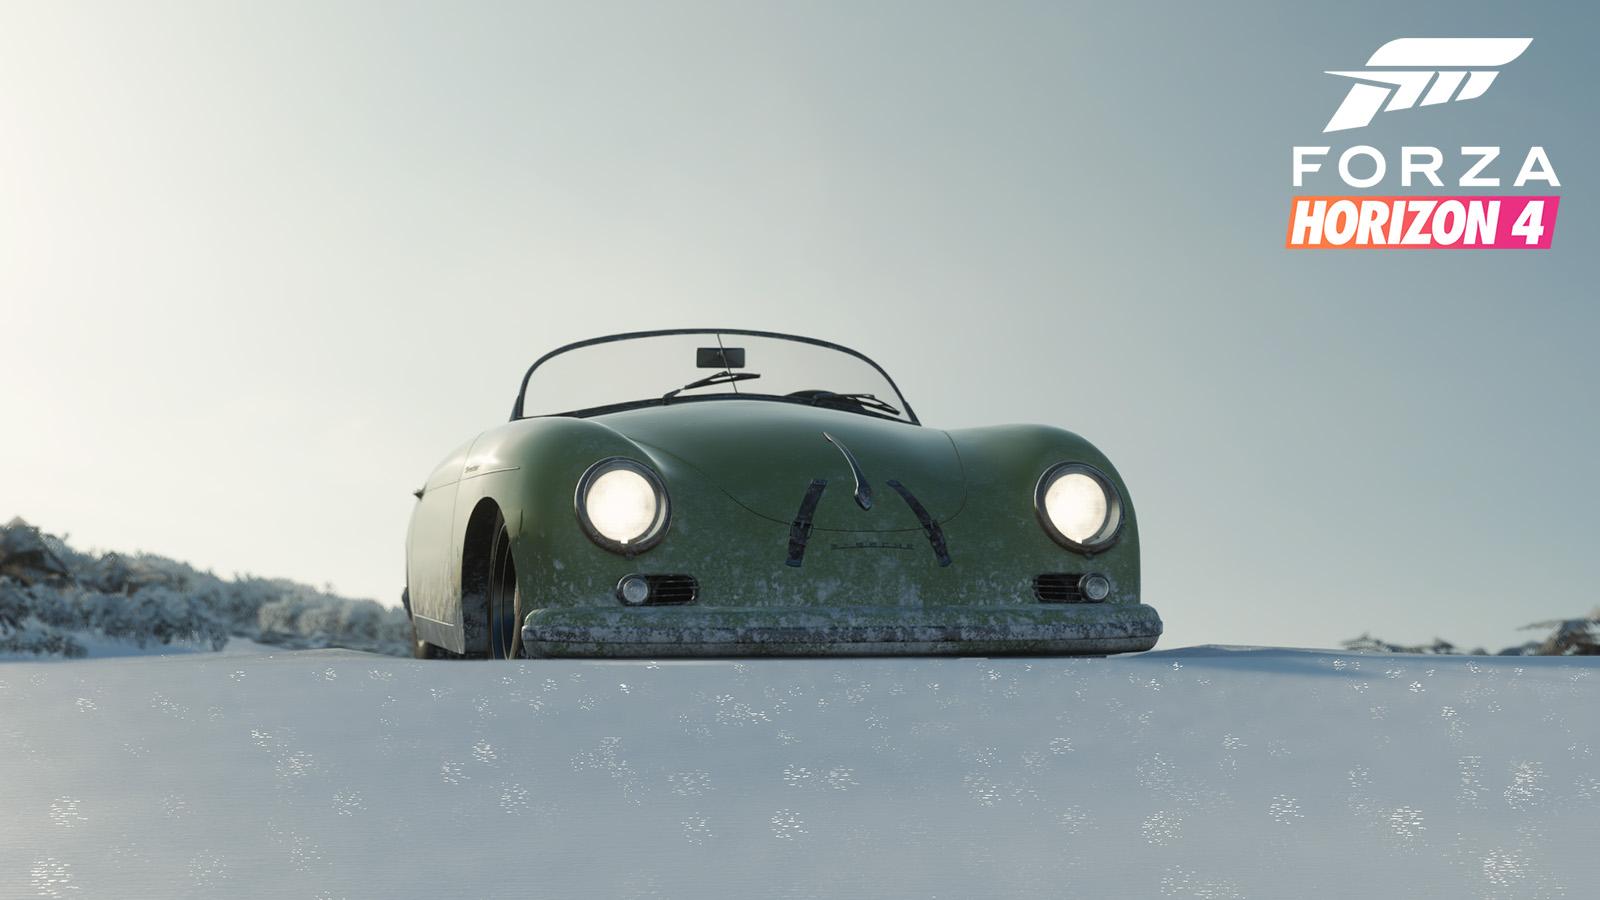 Forza Horizon 4 Series 28 winter update